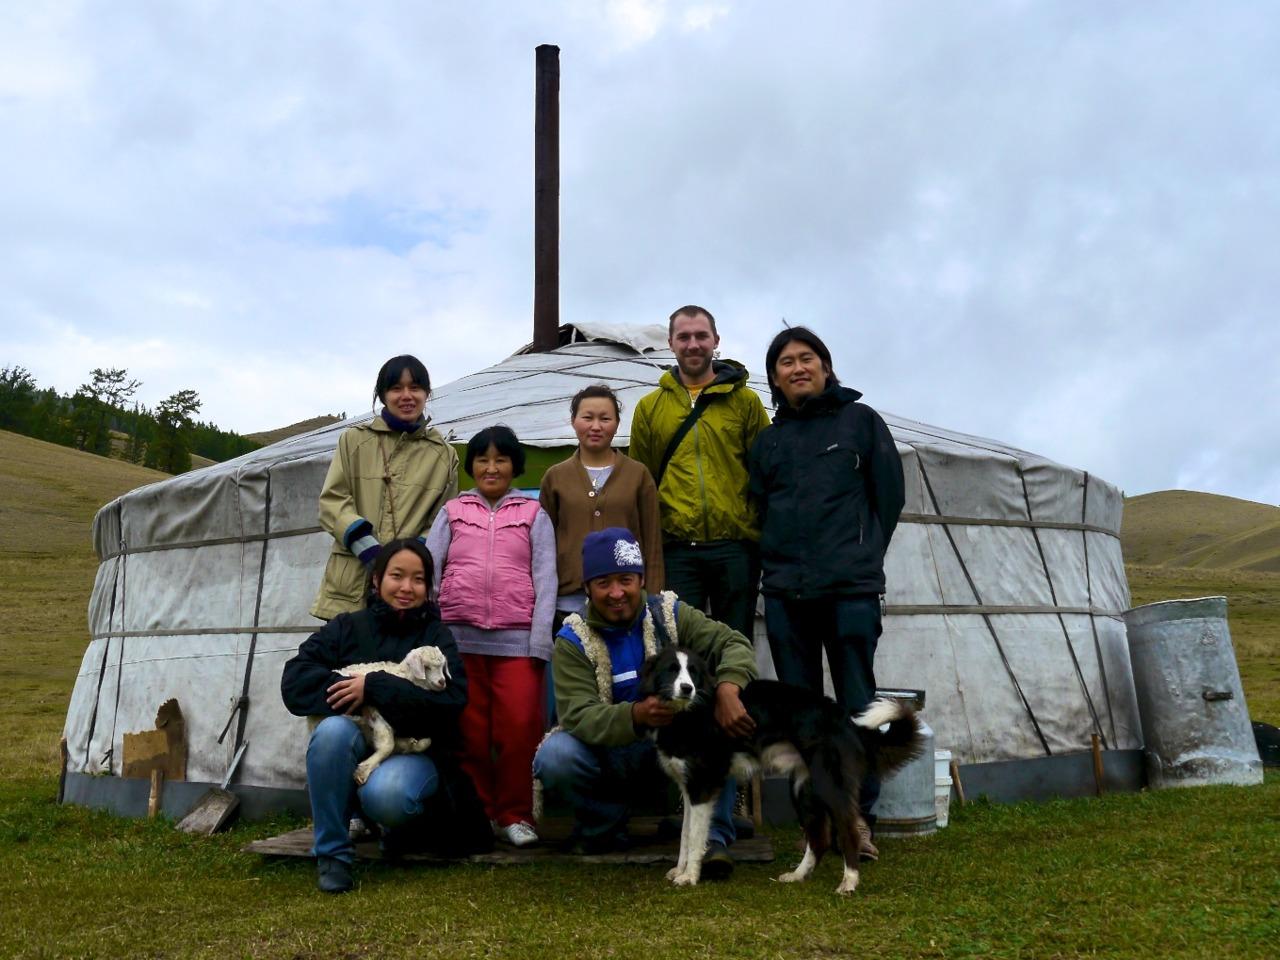 zhenia's and his mother's yurt